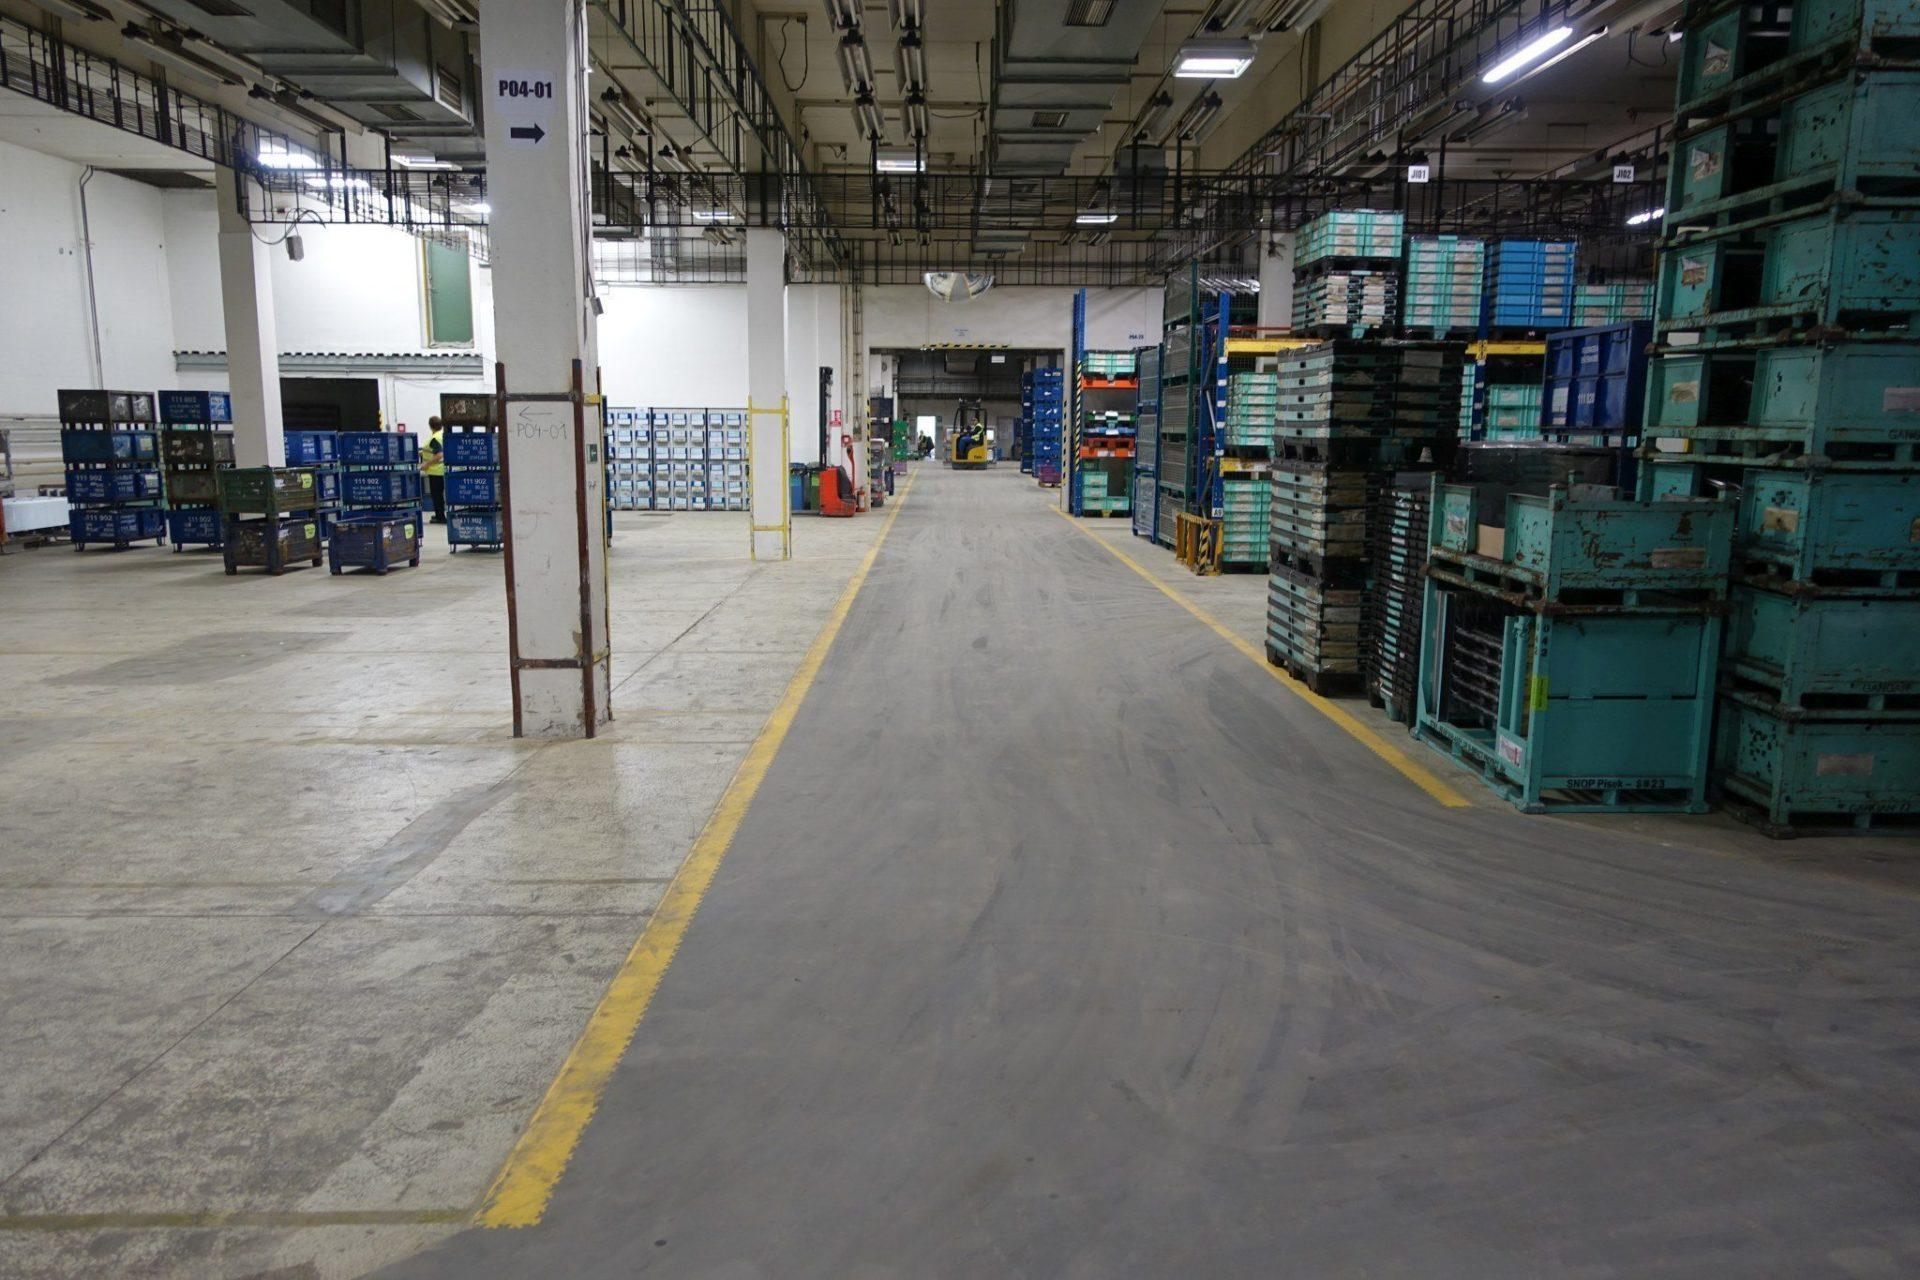 Fußboden Günstig Renovieren ~ Bodensanierung mit pvc bodenbelägen ✓ günstig schnell sauber